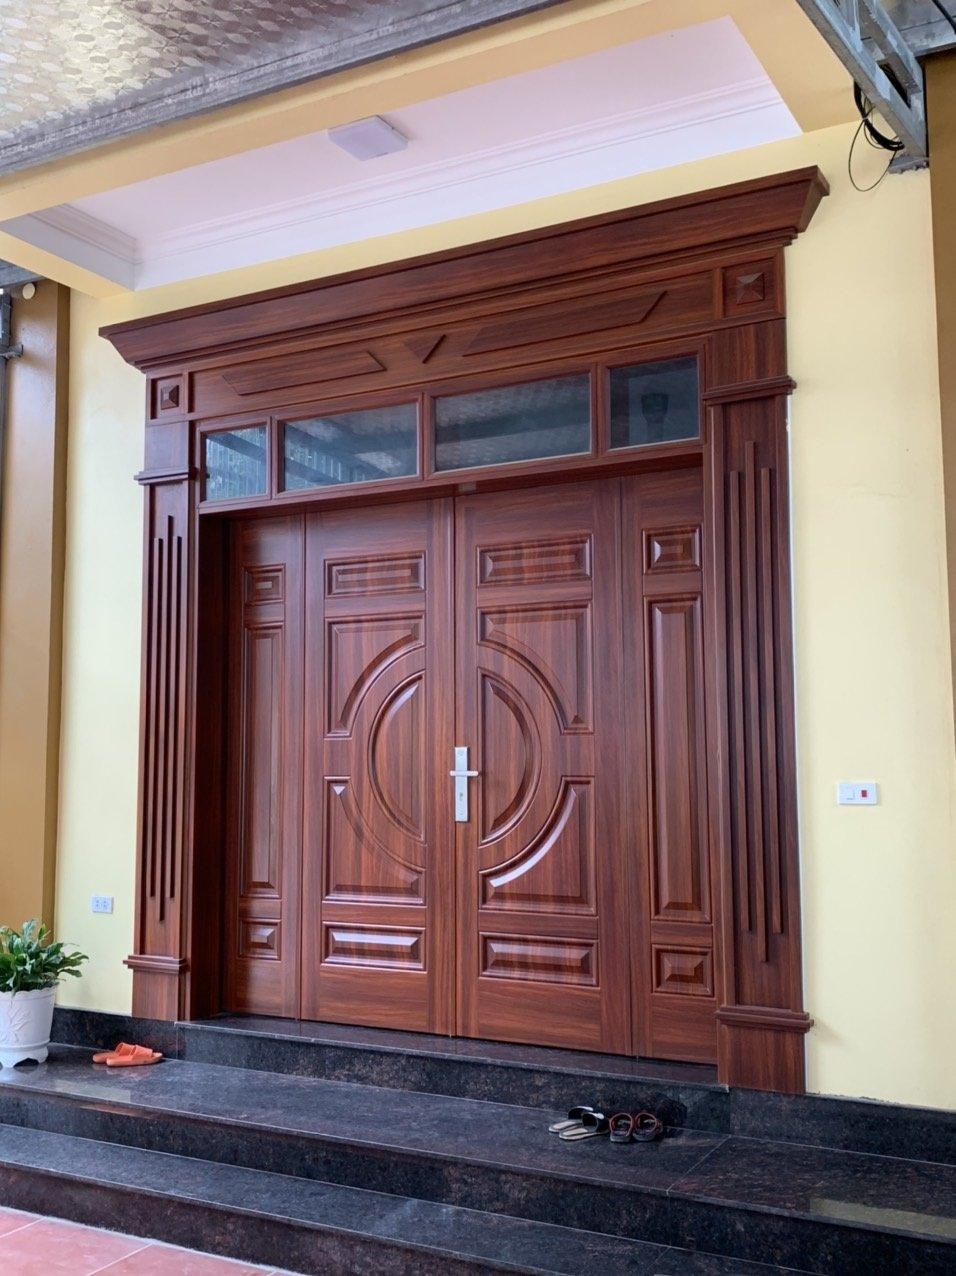 Quy trình lắp cửa thép vân gỗ có phức tạp không?